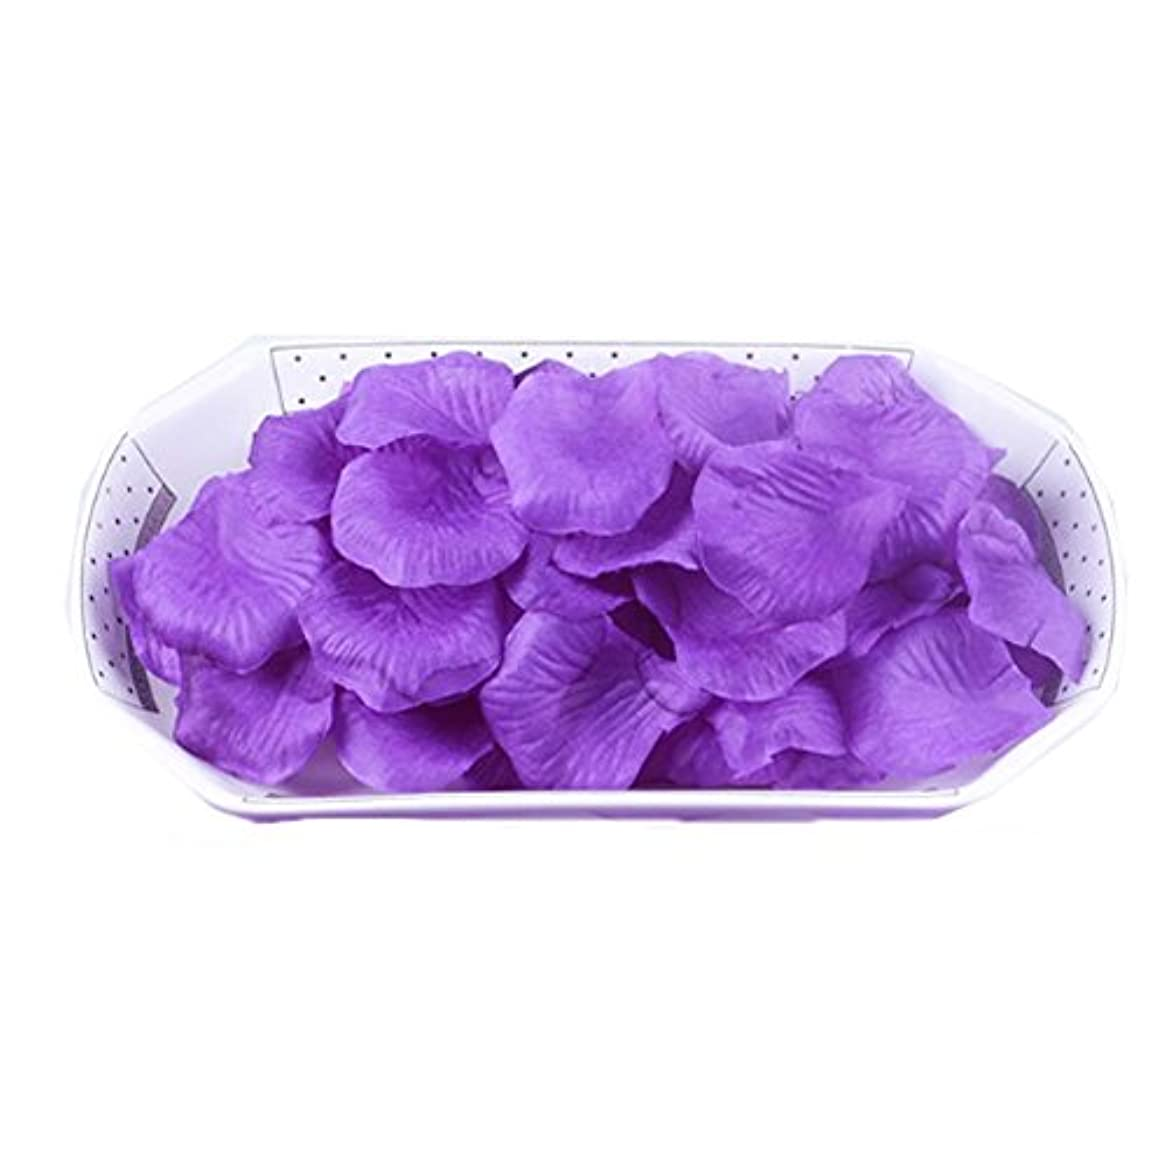 癒す差別化する早く結婚式の装飾のための人工花の花びら紫2000 PC